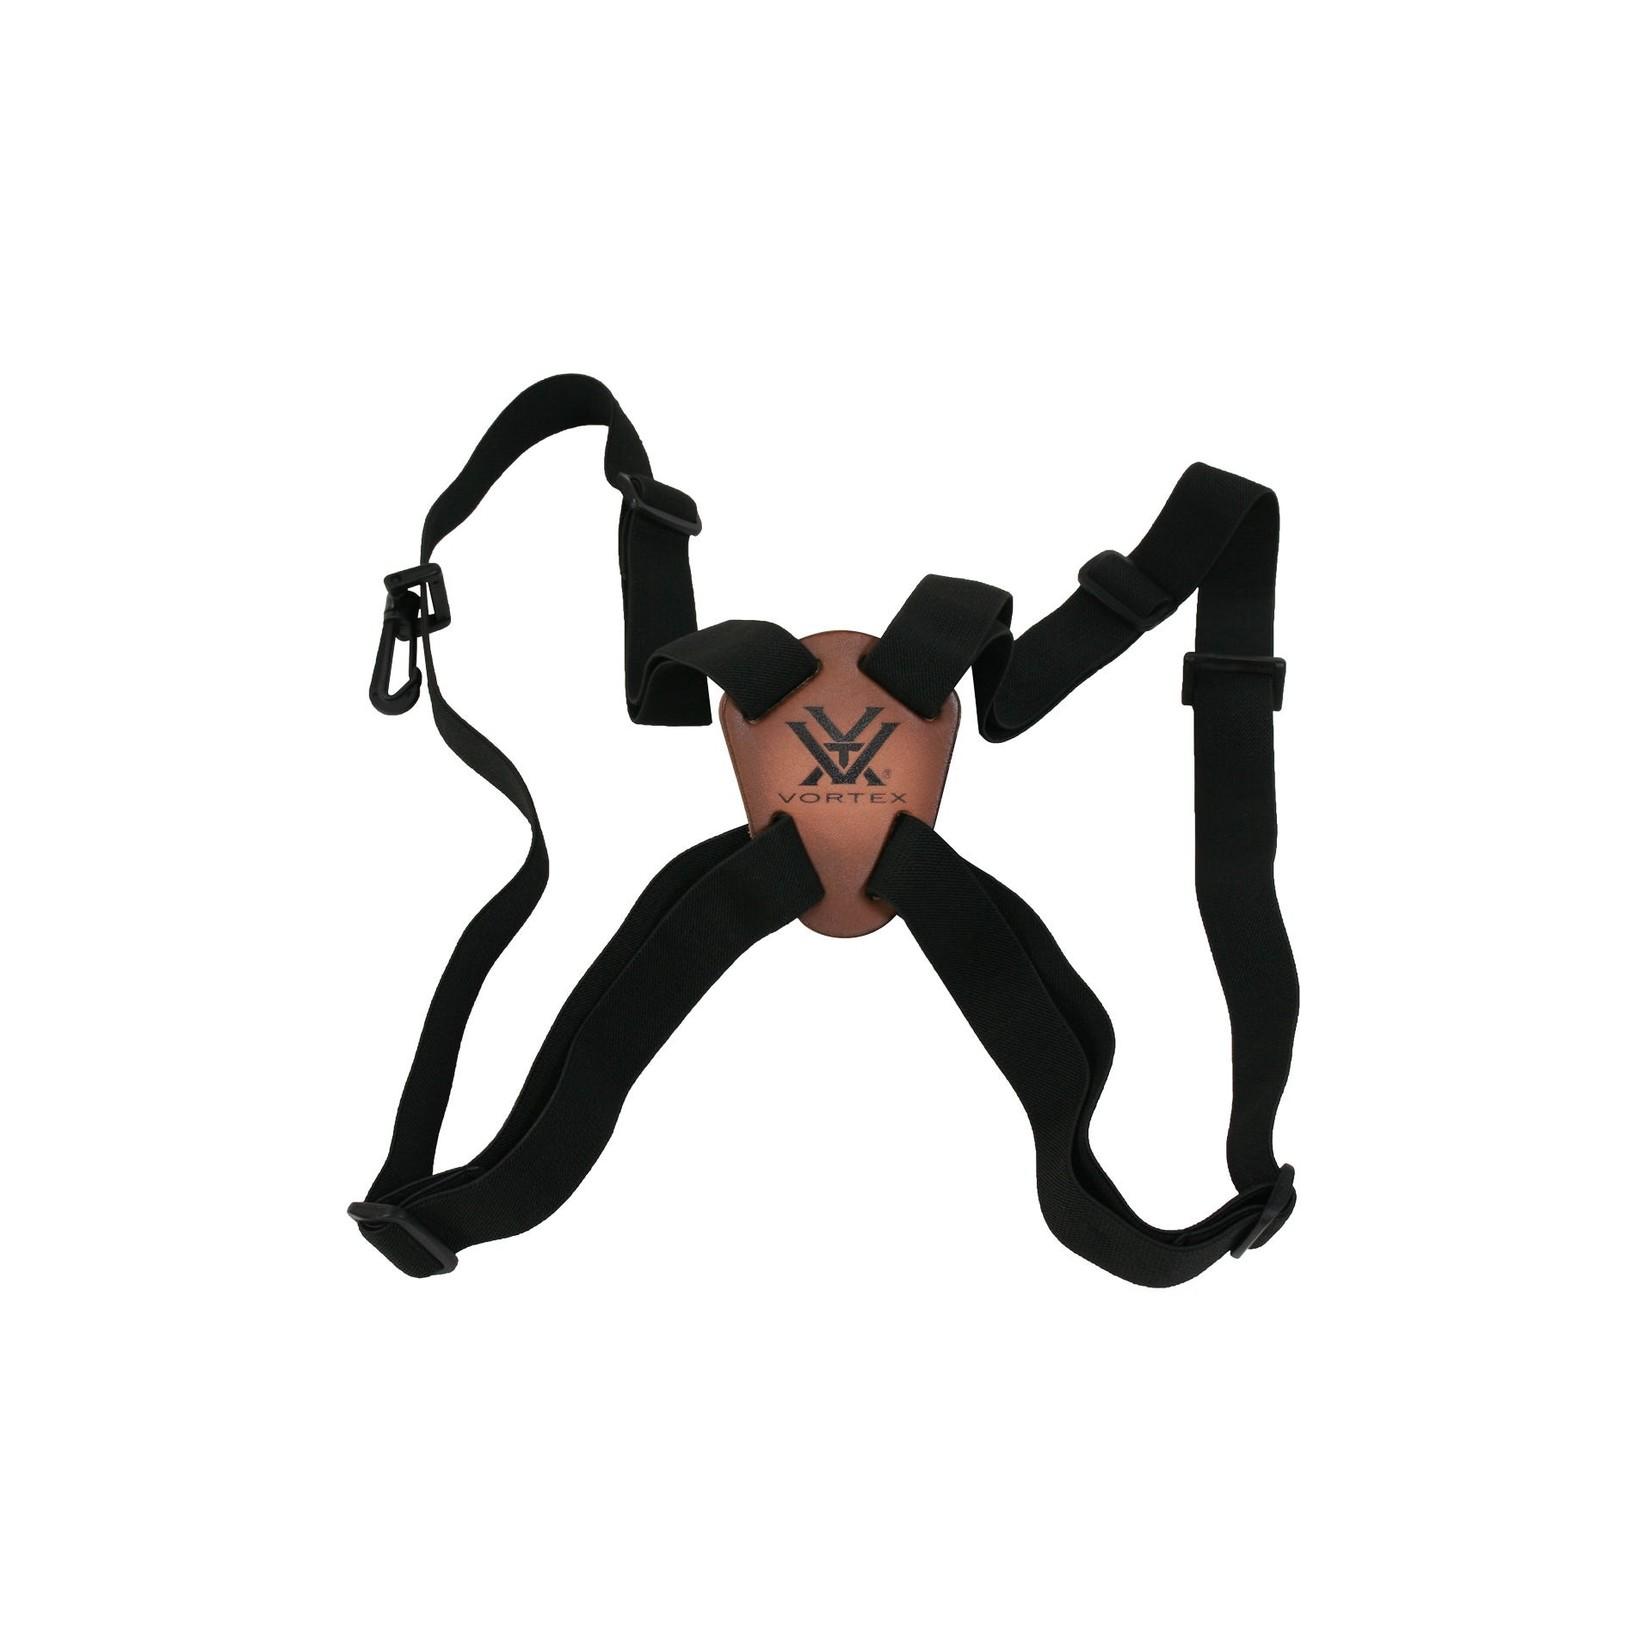 VORTEX Vortex Harness Strap (VTHARNESS)